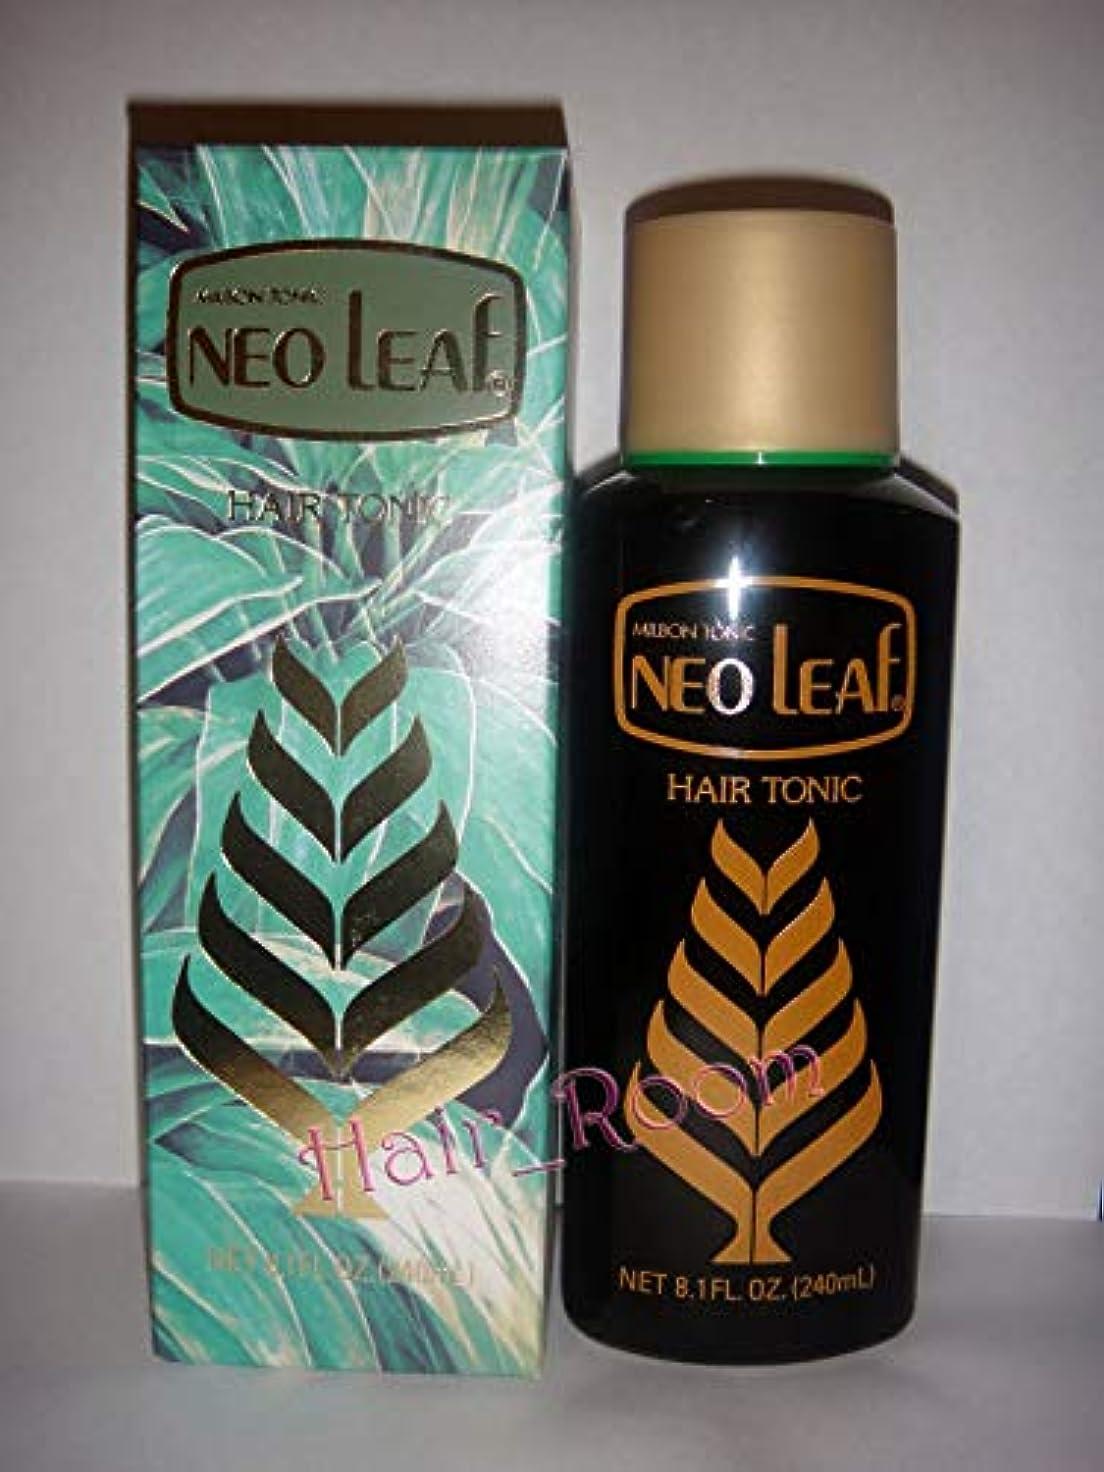 牛肉輝くブッシュNeo Leaf ミルボントニックヘアトニック240ミリリットル日本 - ハーブ抽出成分が毛根に栄養を与えます